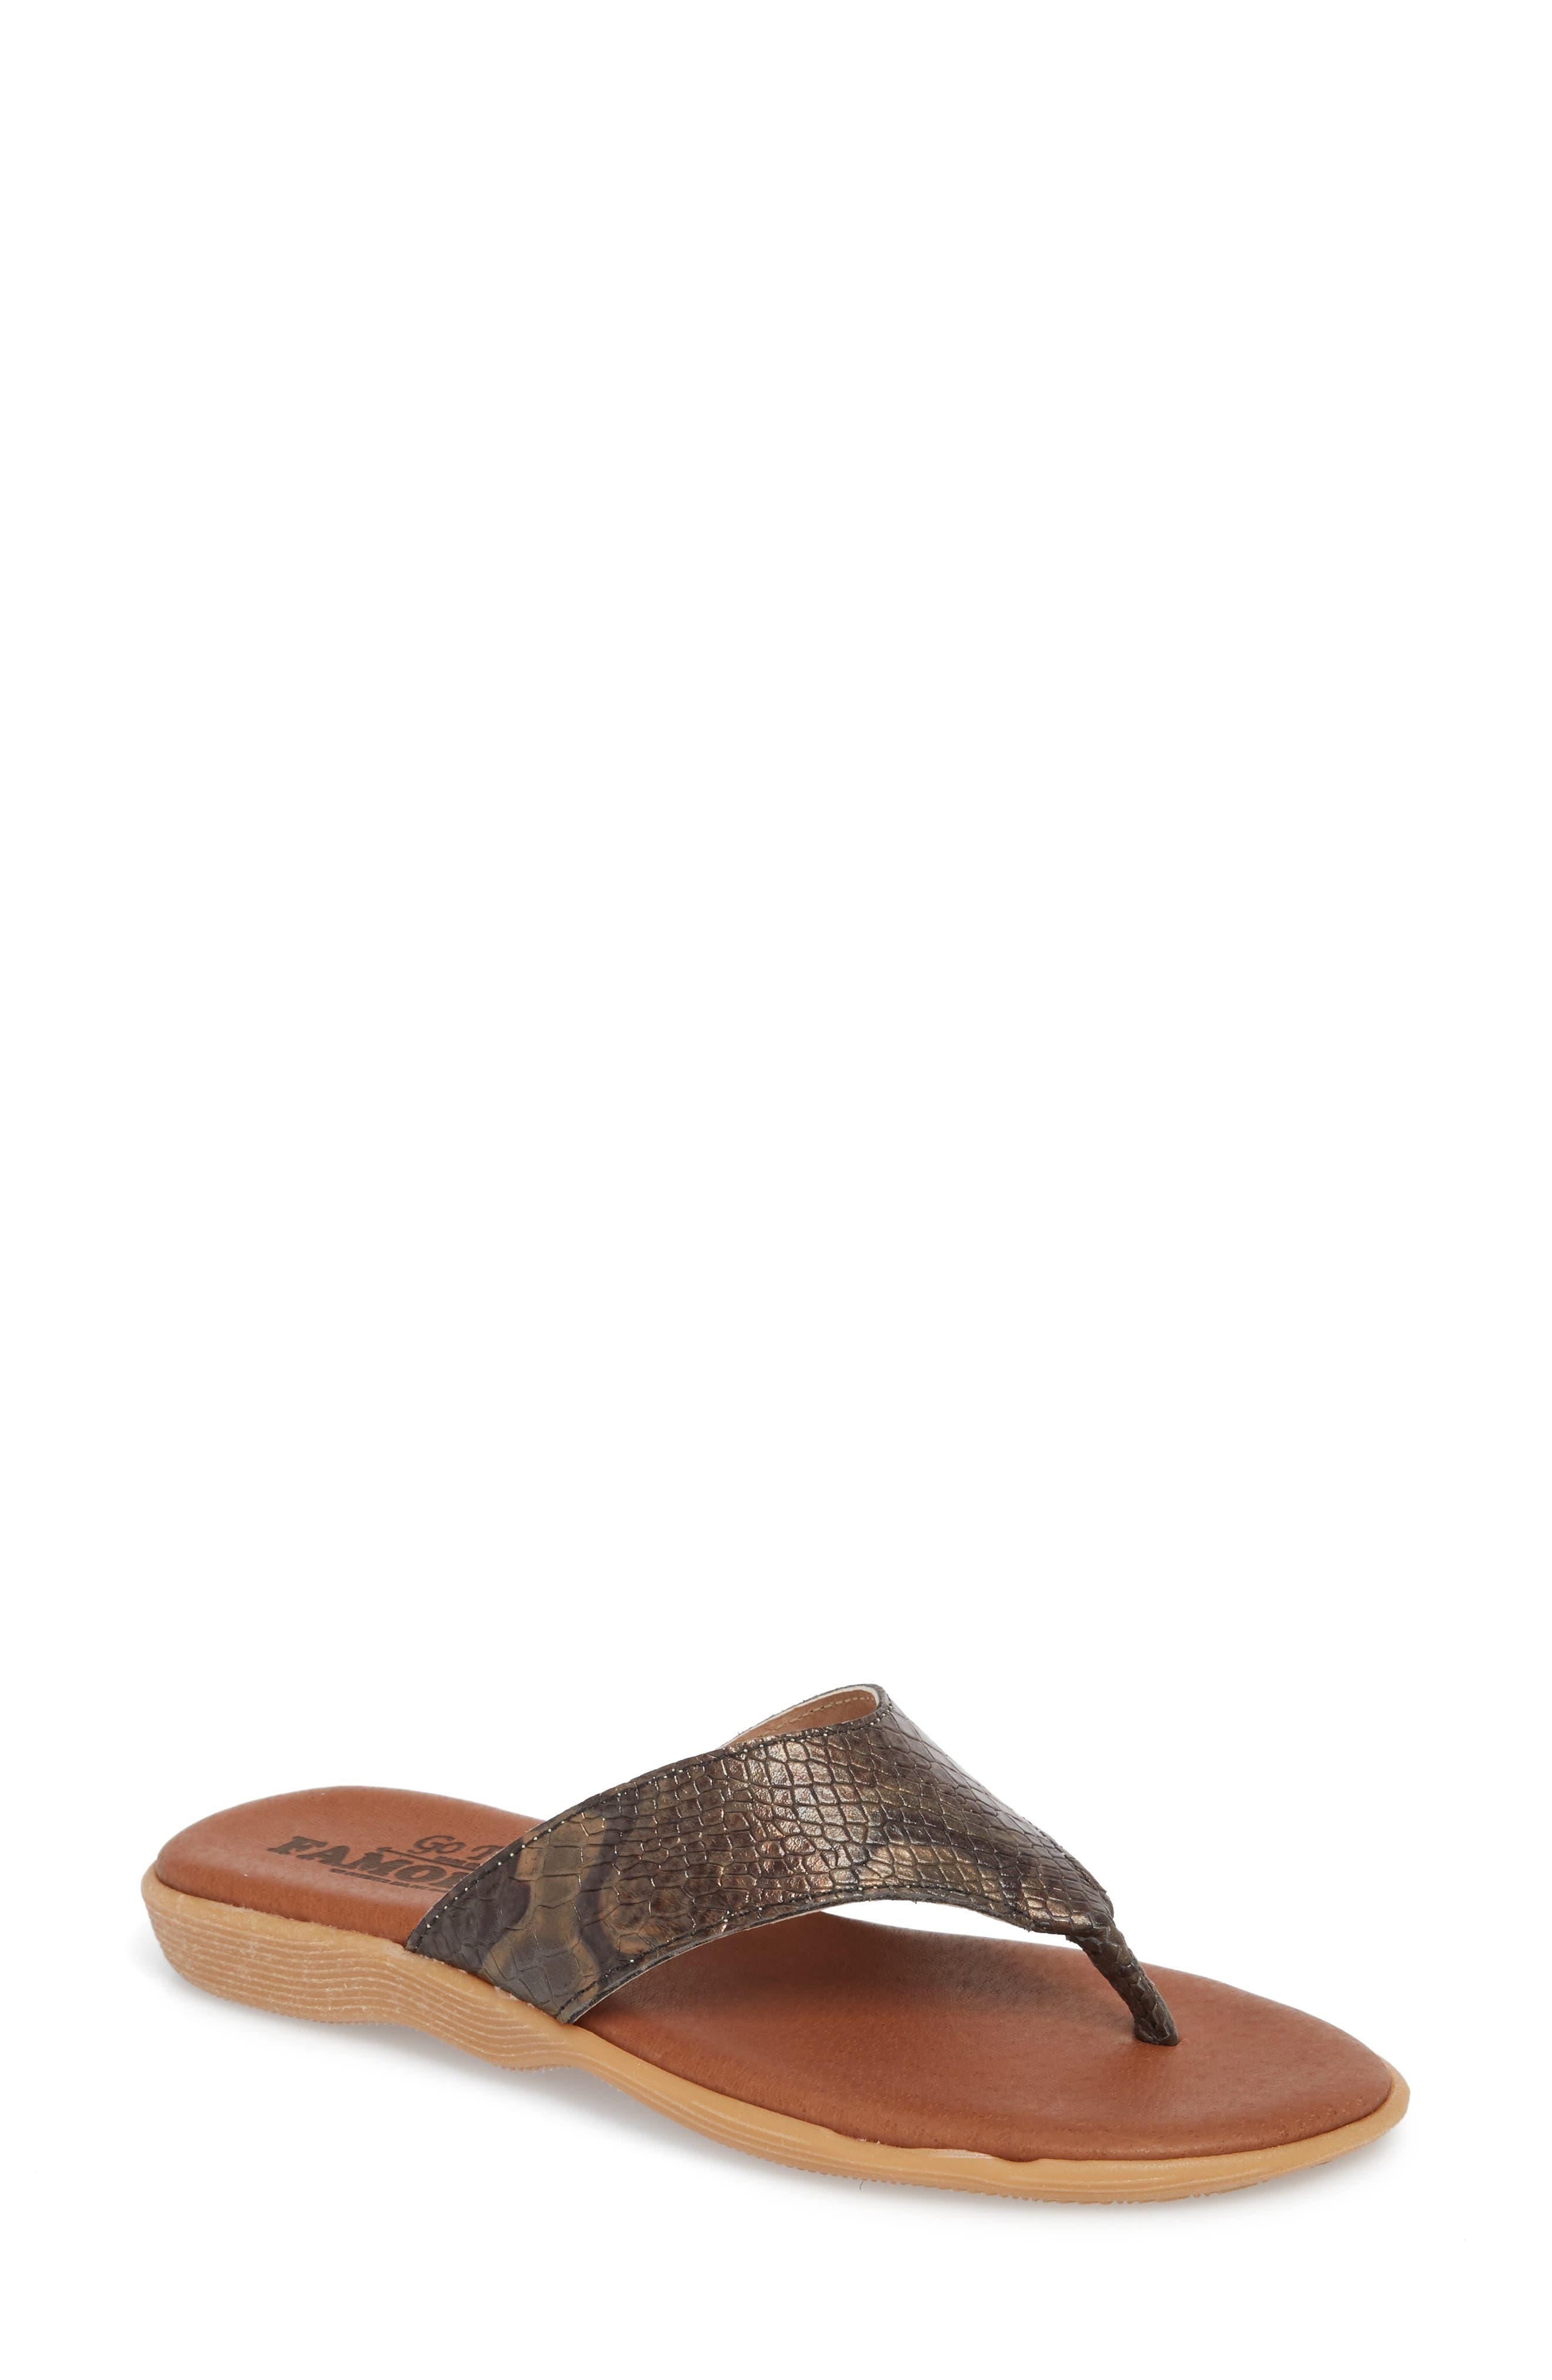 Flippity Flop Flip Flop,                         Main,                         color, Snake Leather